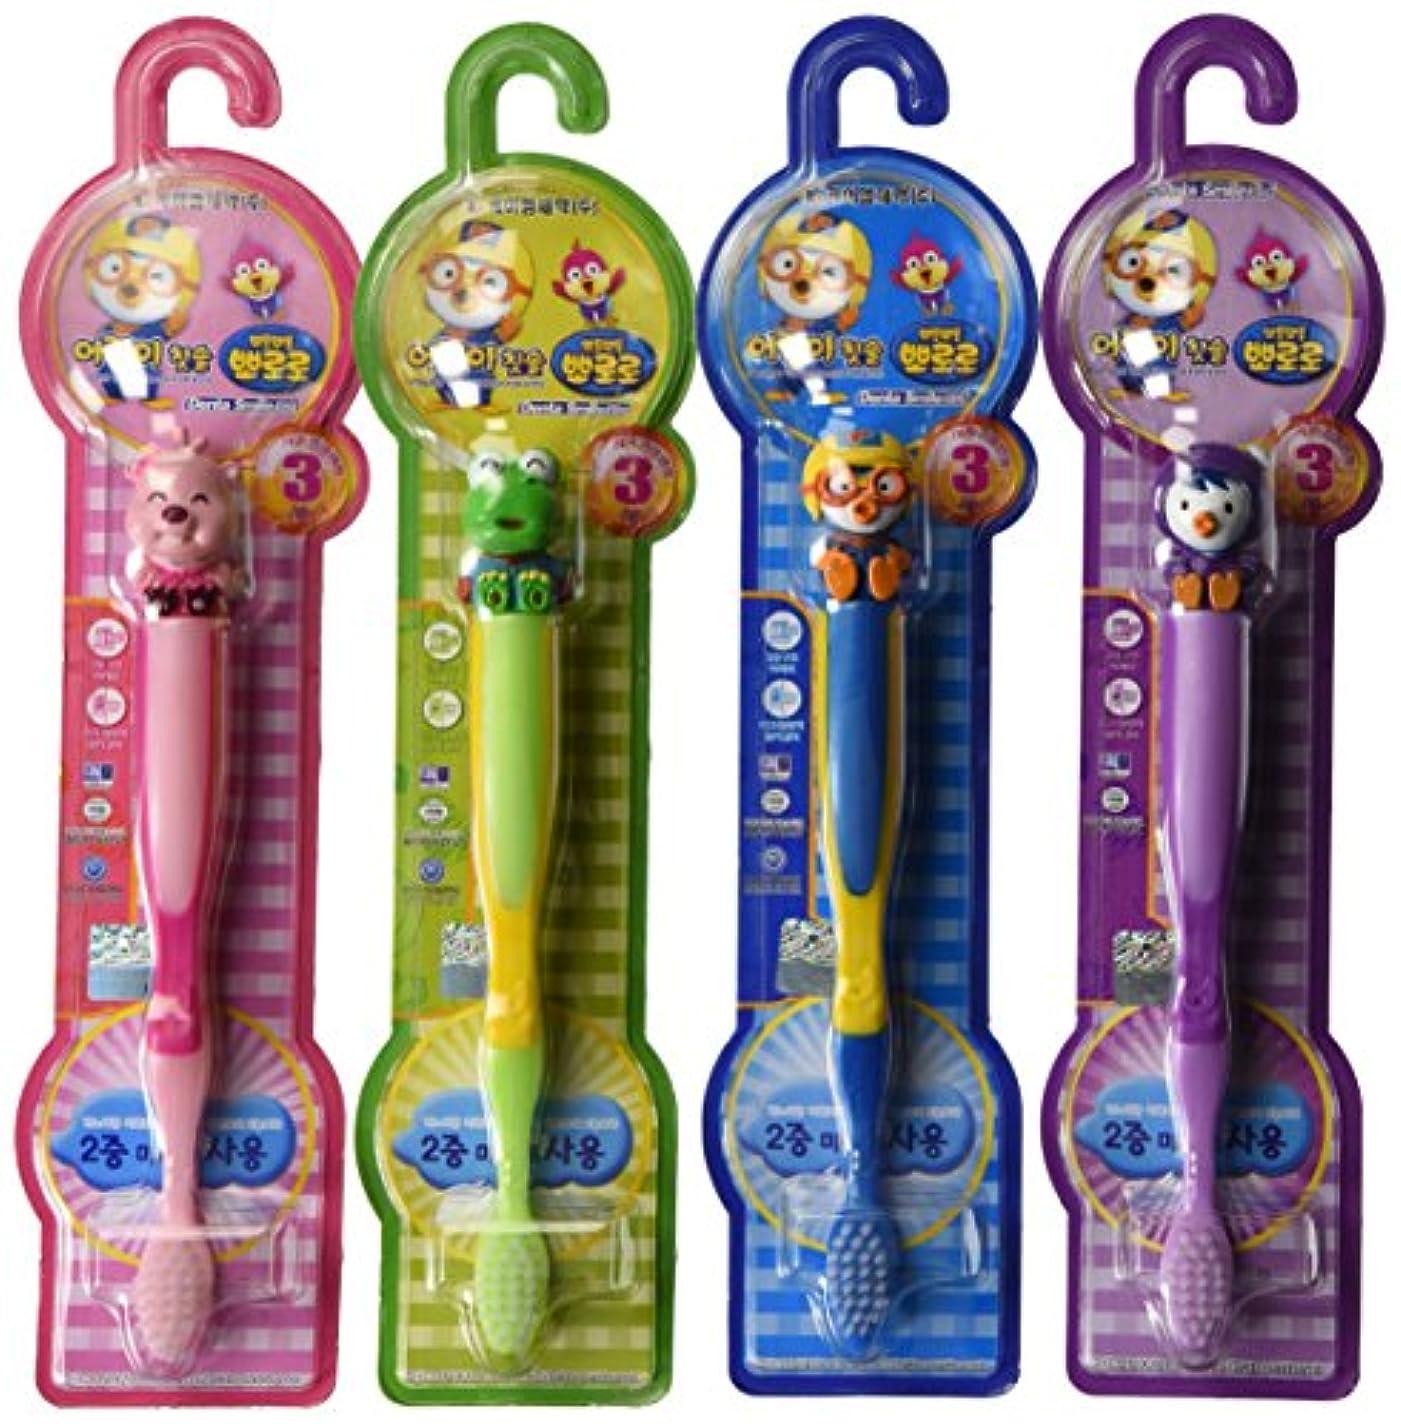 メーター韻移行するPororo Kids Children Toothbrush Toothpaste (4units) by TheJD [並行輸入品]